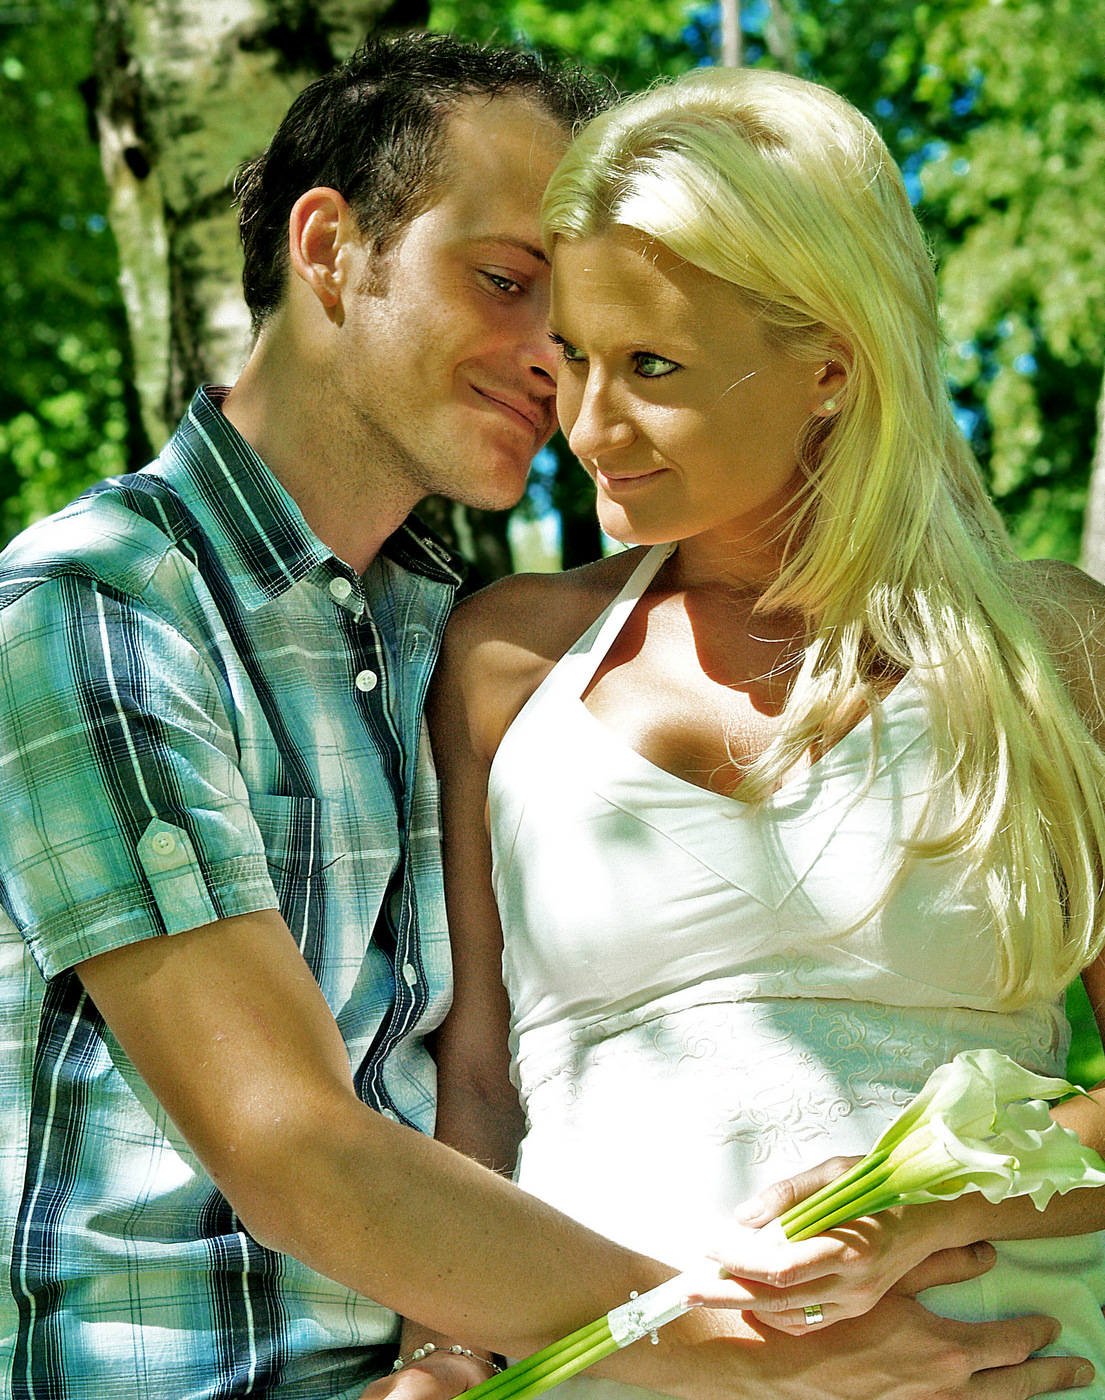 20 år gammal dating 16 år gammal juridisk Helsingfors online dating